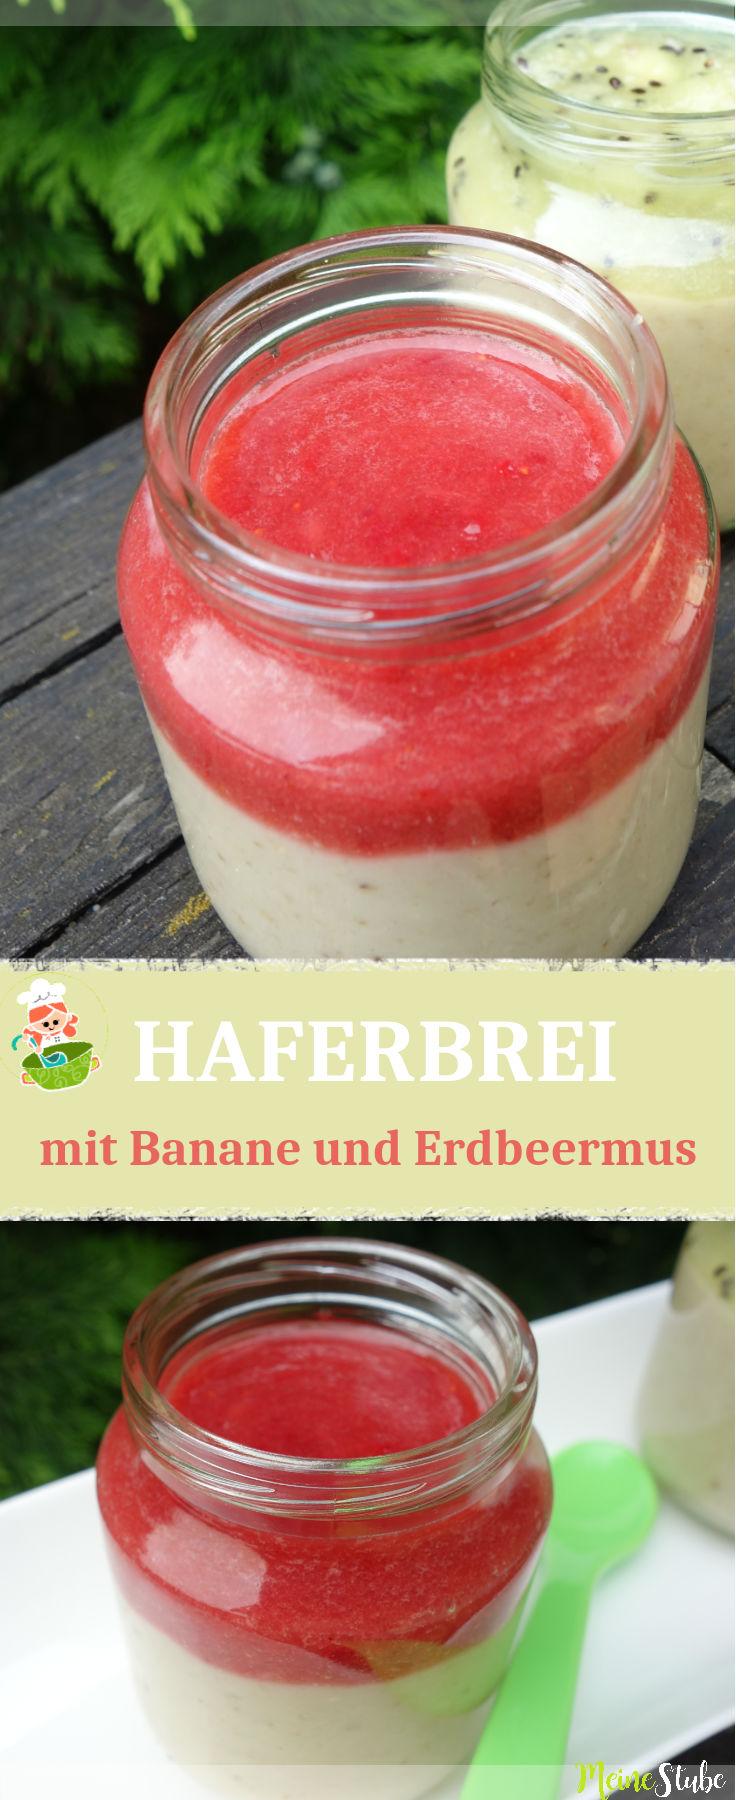 Rezept für Babybrei oder Kinderbrei, mit Bananen und Erdbeermus